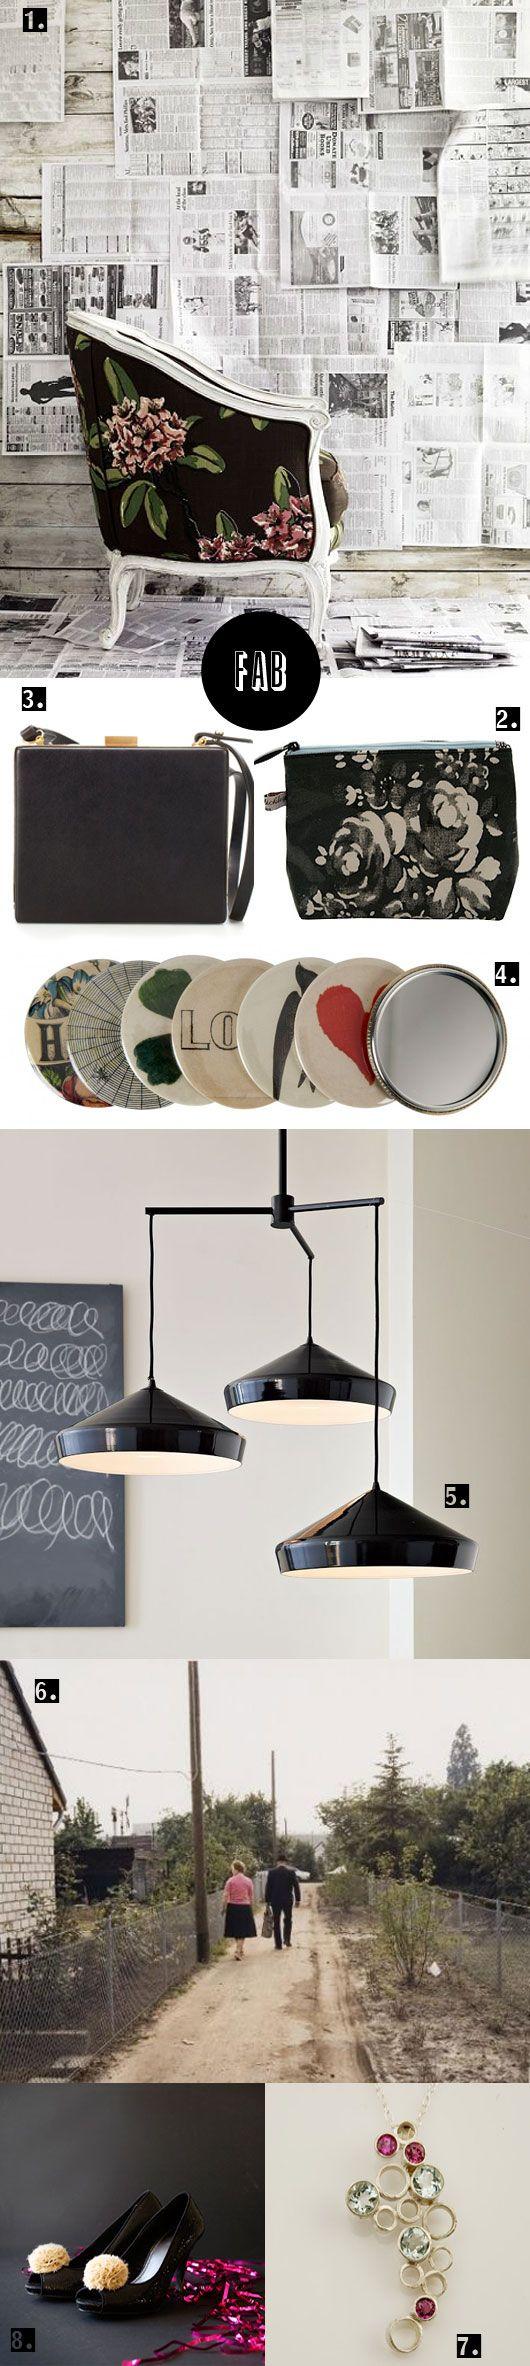 die besten 25 zeitungs wand ideen auf pinterest. Black Bedroom Furniture Sets. Home Design Ideas